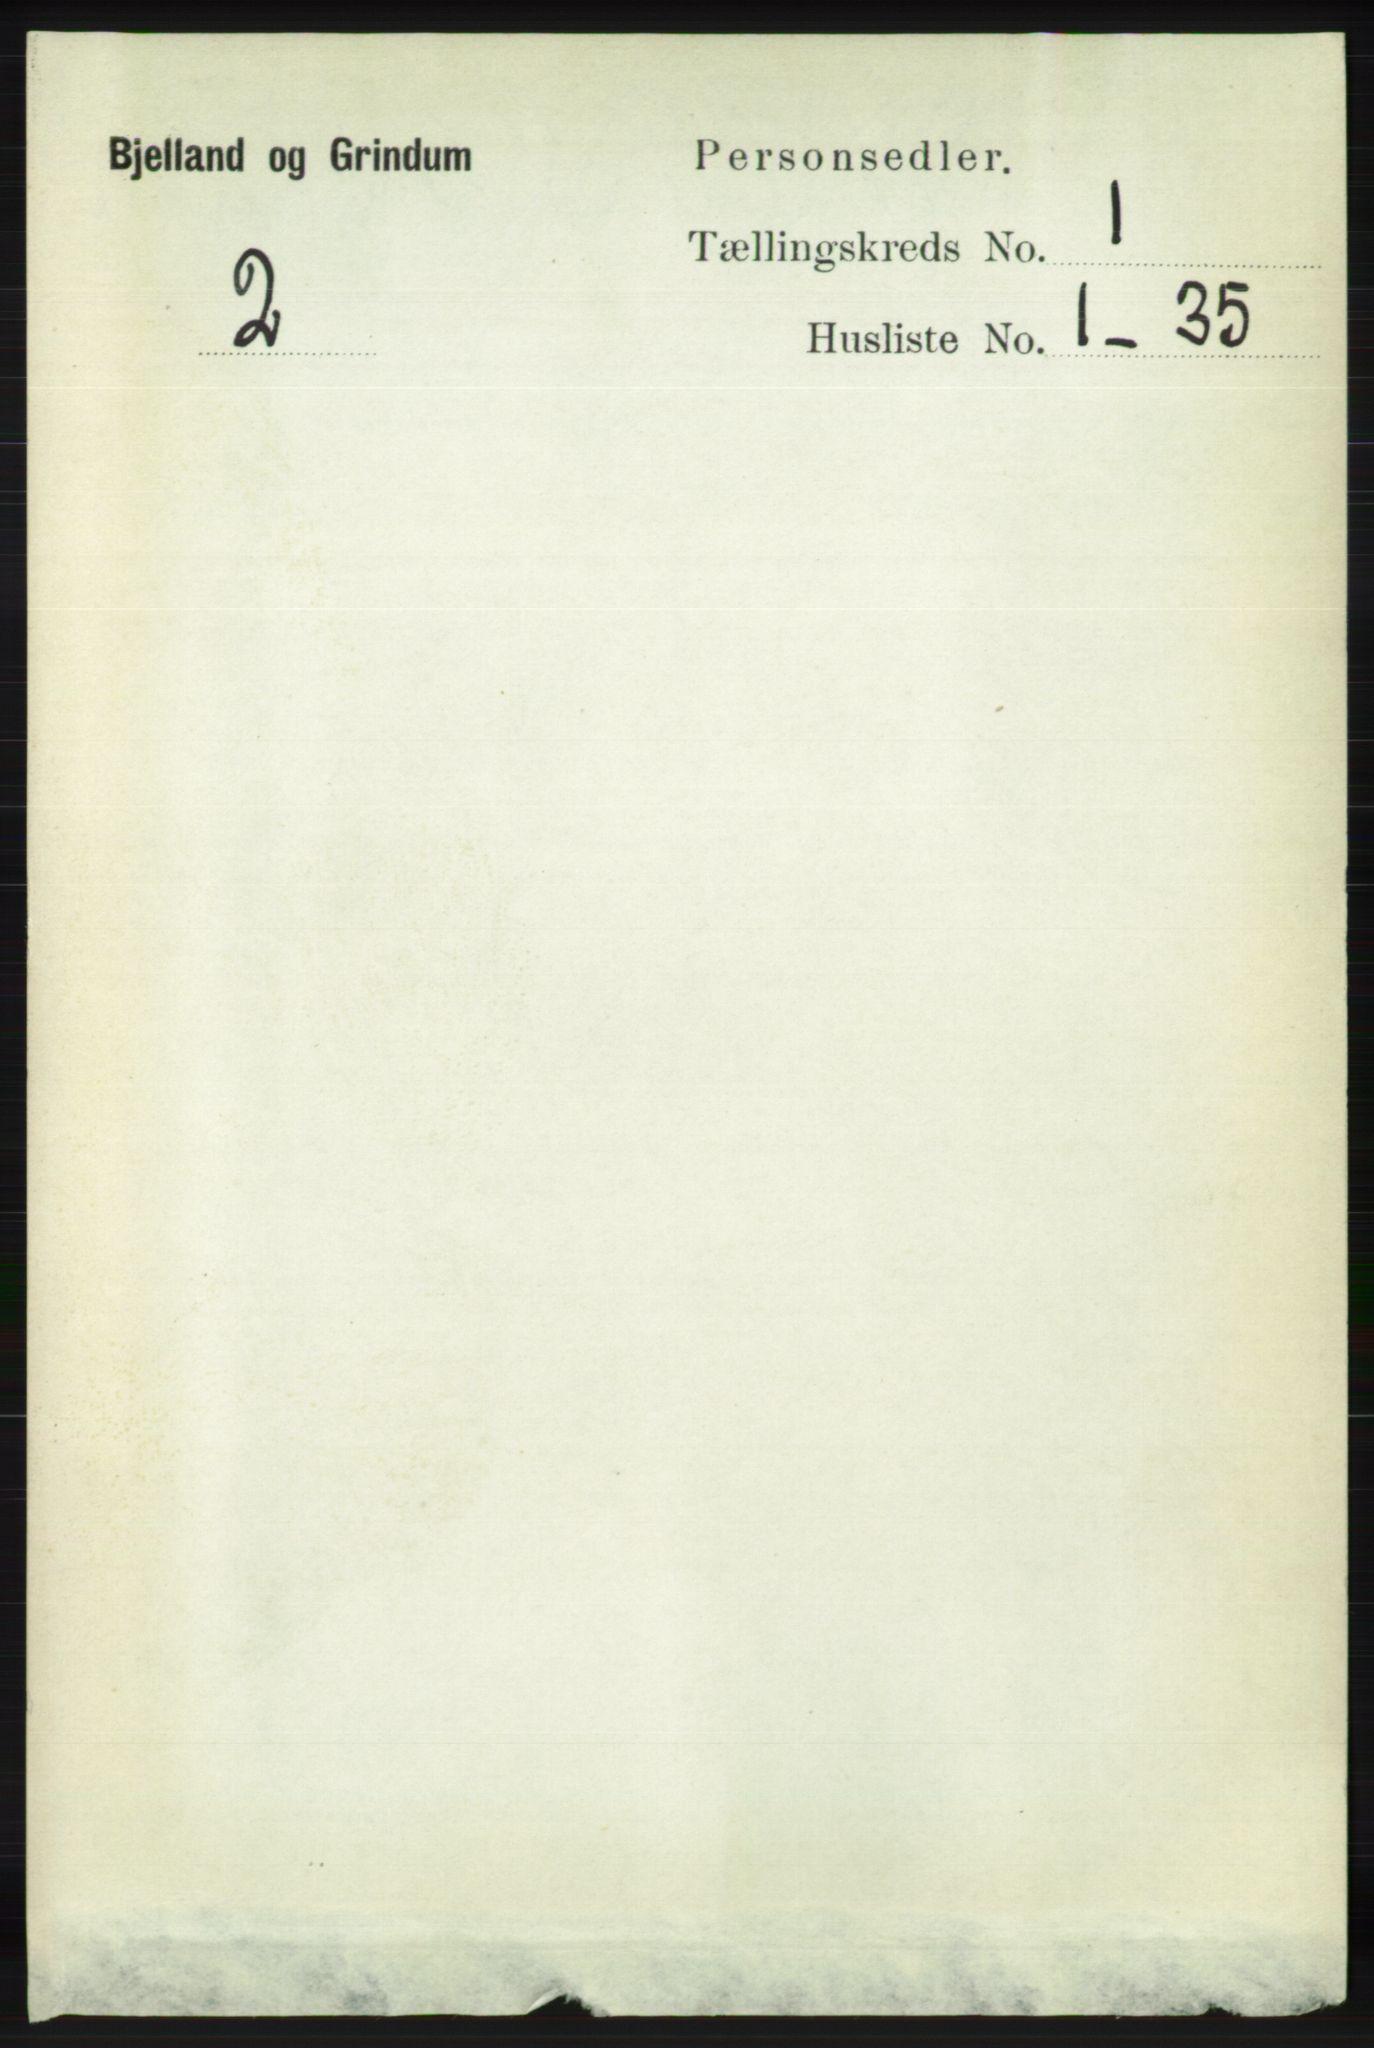 RA, Folketelling 1891 for 1024 Bjelland og Grindheim herred, 1891, s. 60